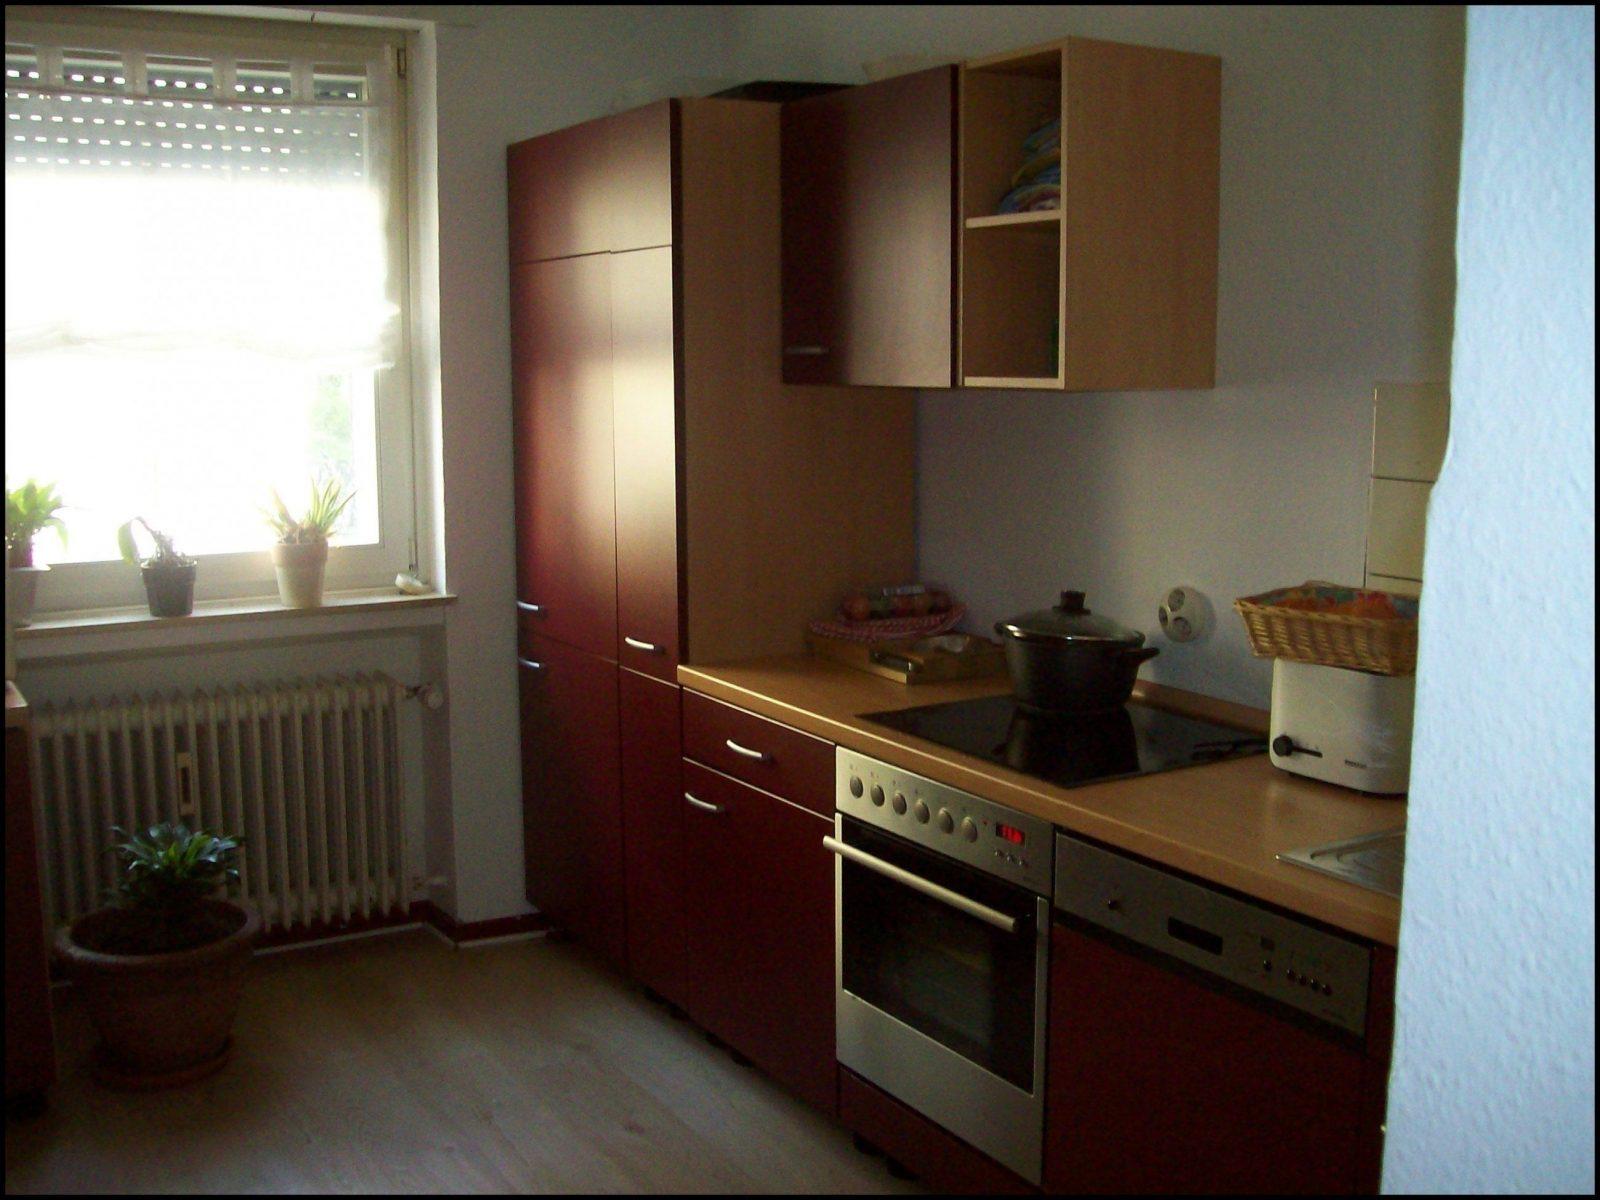 Gebraucht Küchen Ankauf Köln Schön Küche Gebraucht Köln ...